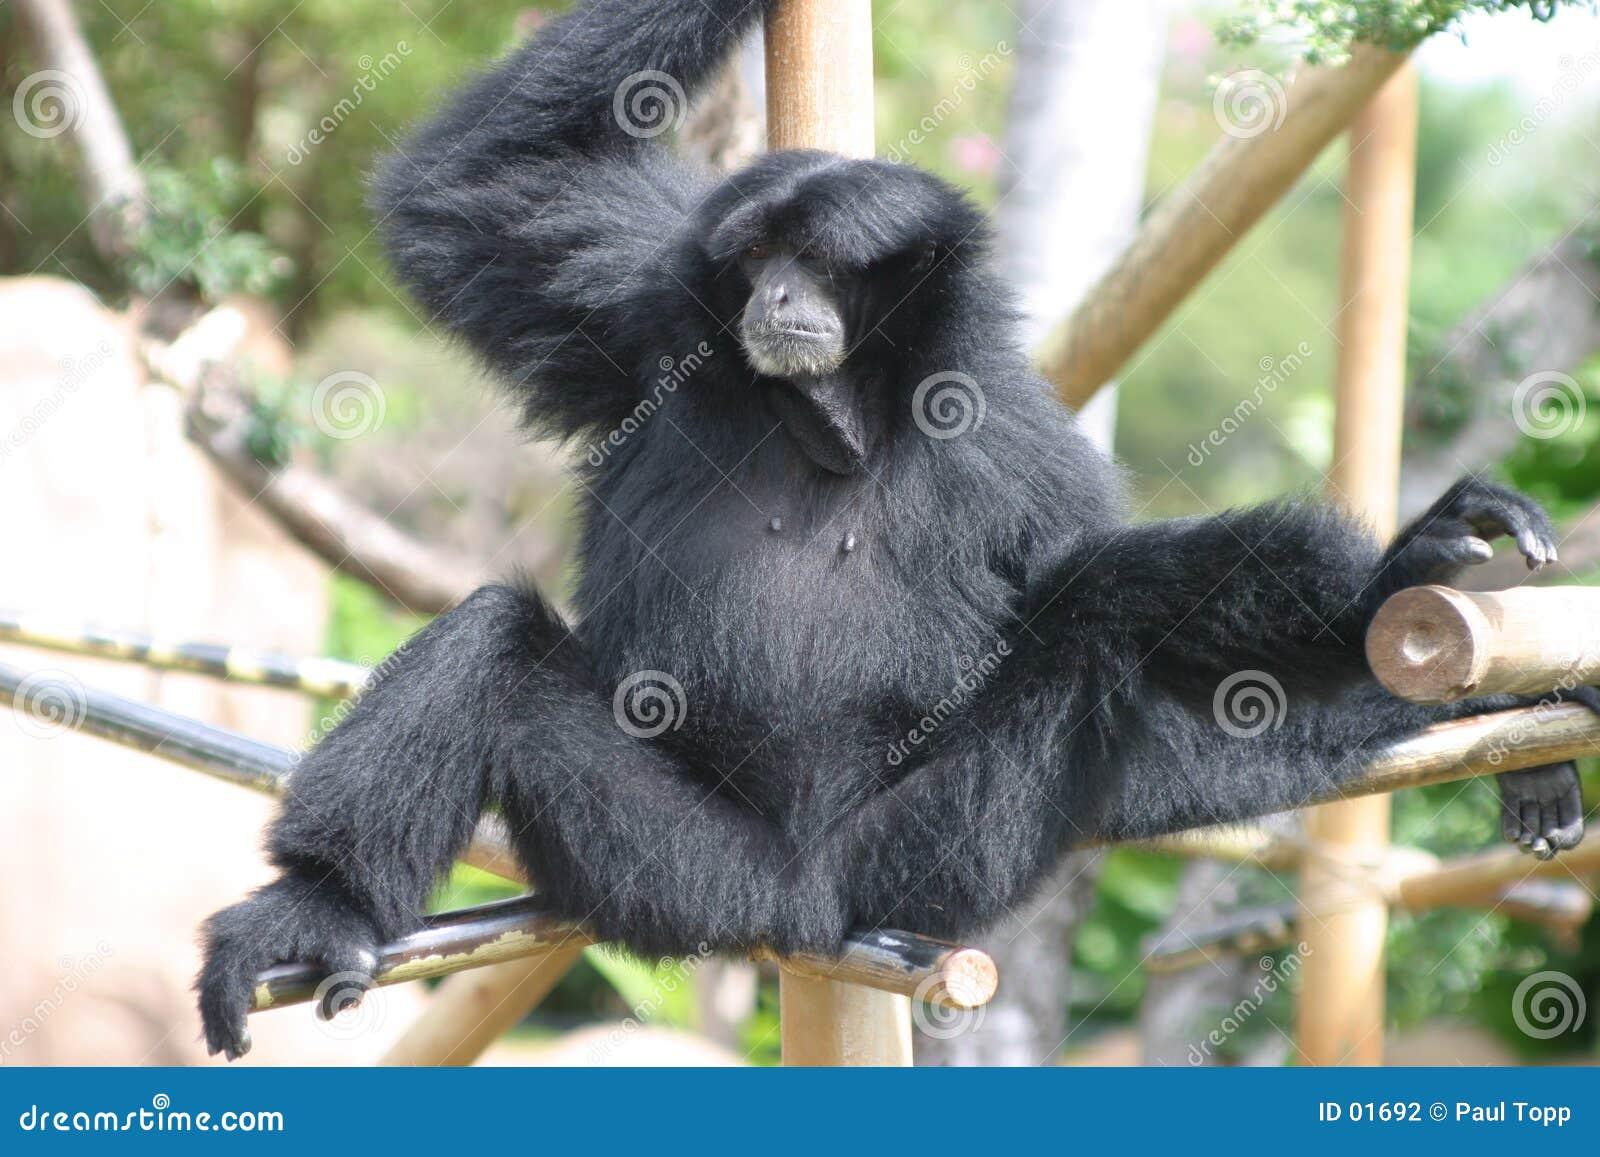 Black Gibbon Monkey in a Zoo